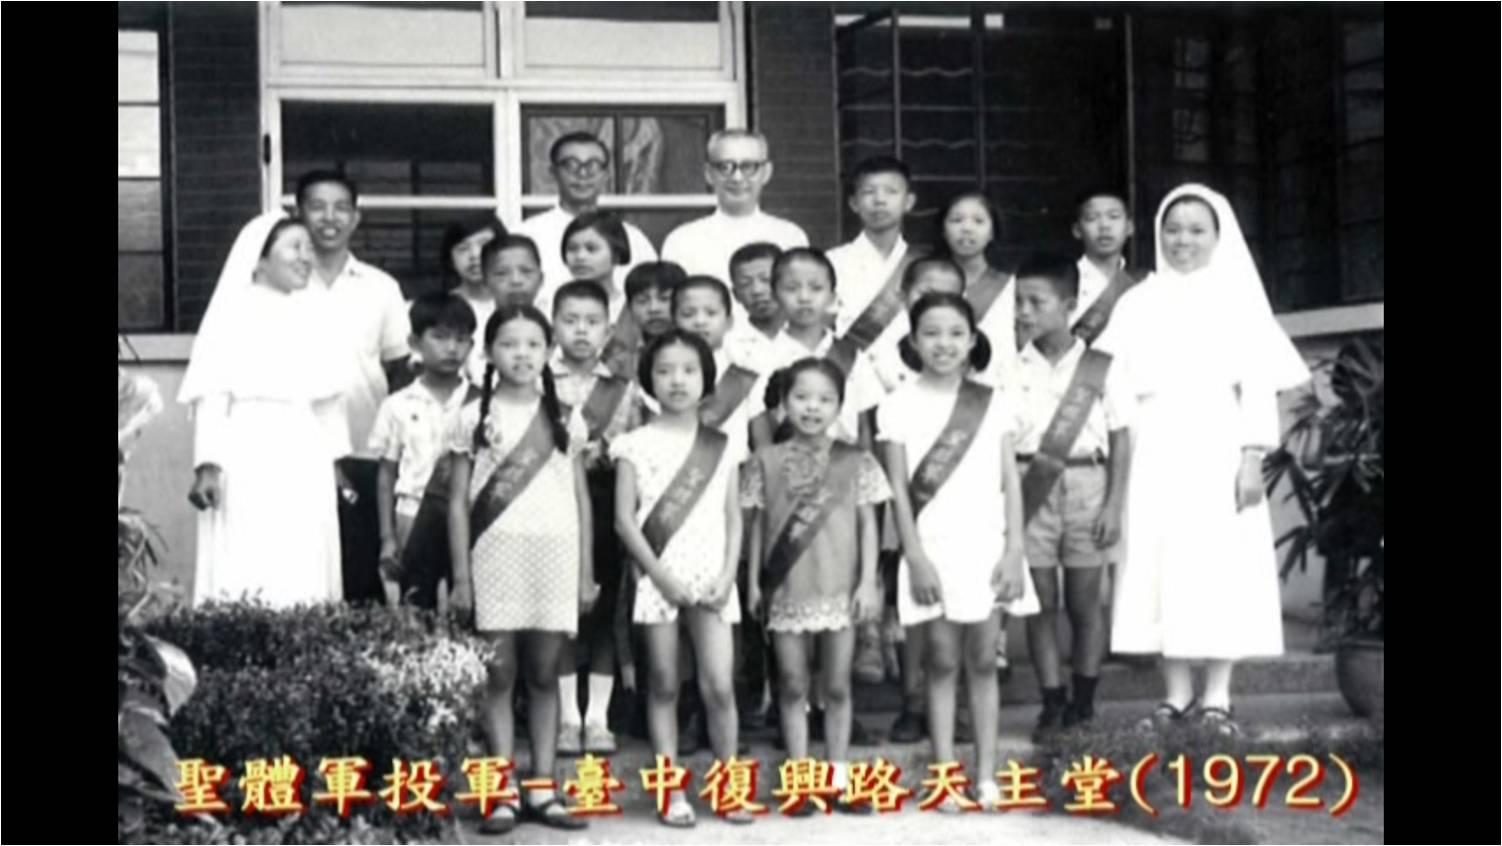 1972年 聖體軍投軍-台中復興路天主堂